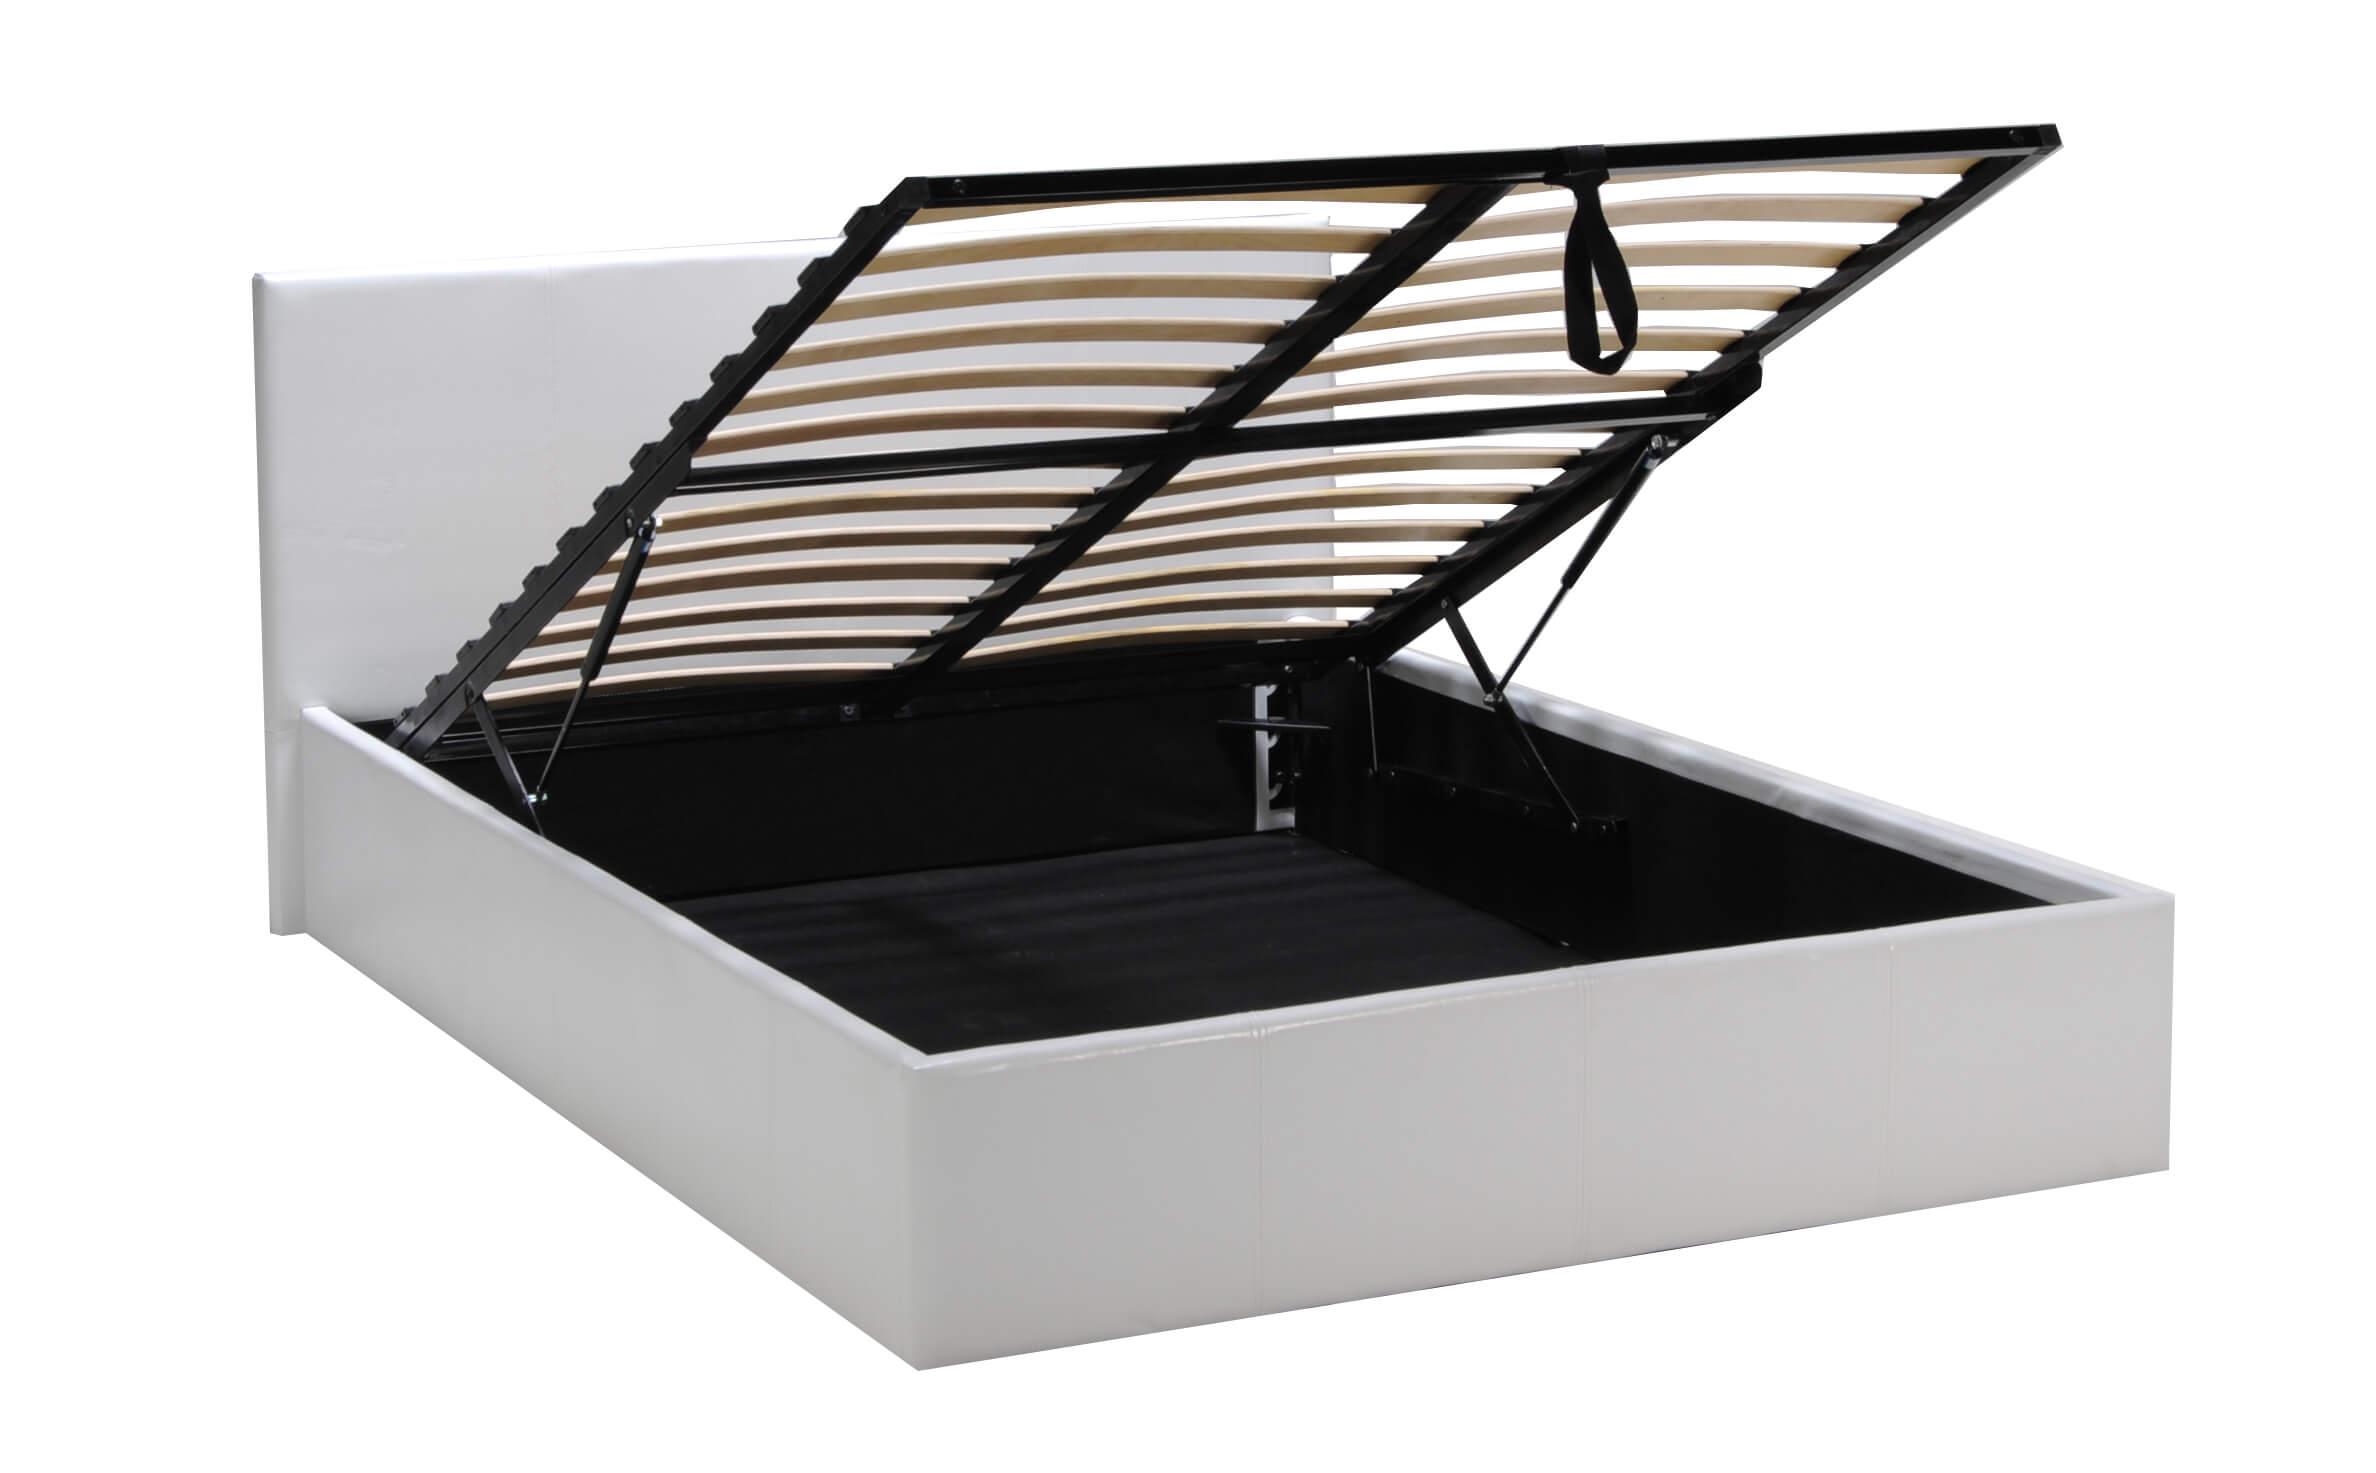 donnée d'entrée pour réalisation la modélisation 3D d'un lit coffre meuble avec rangement